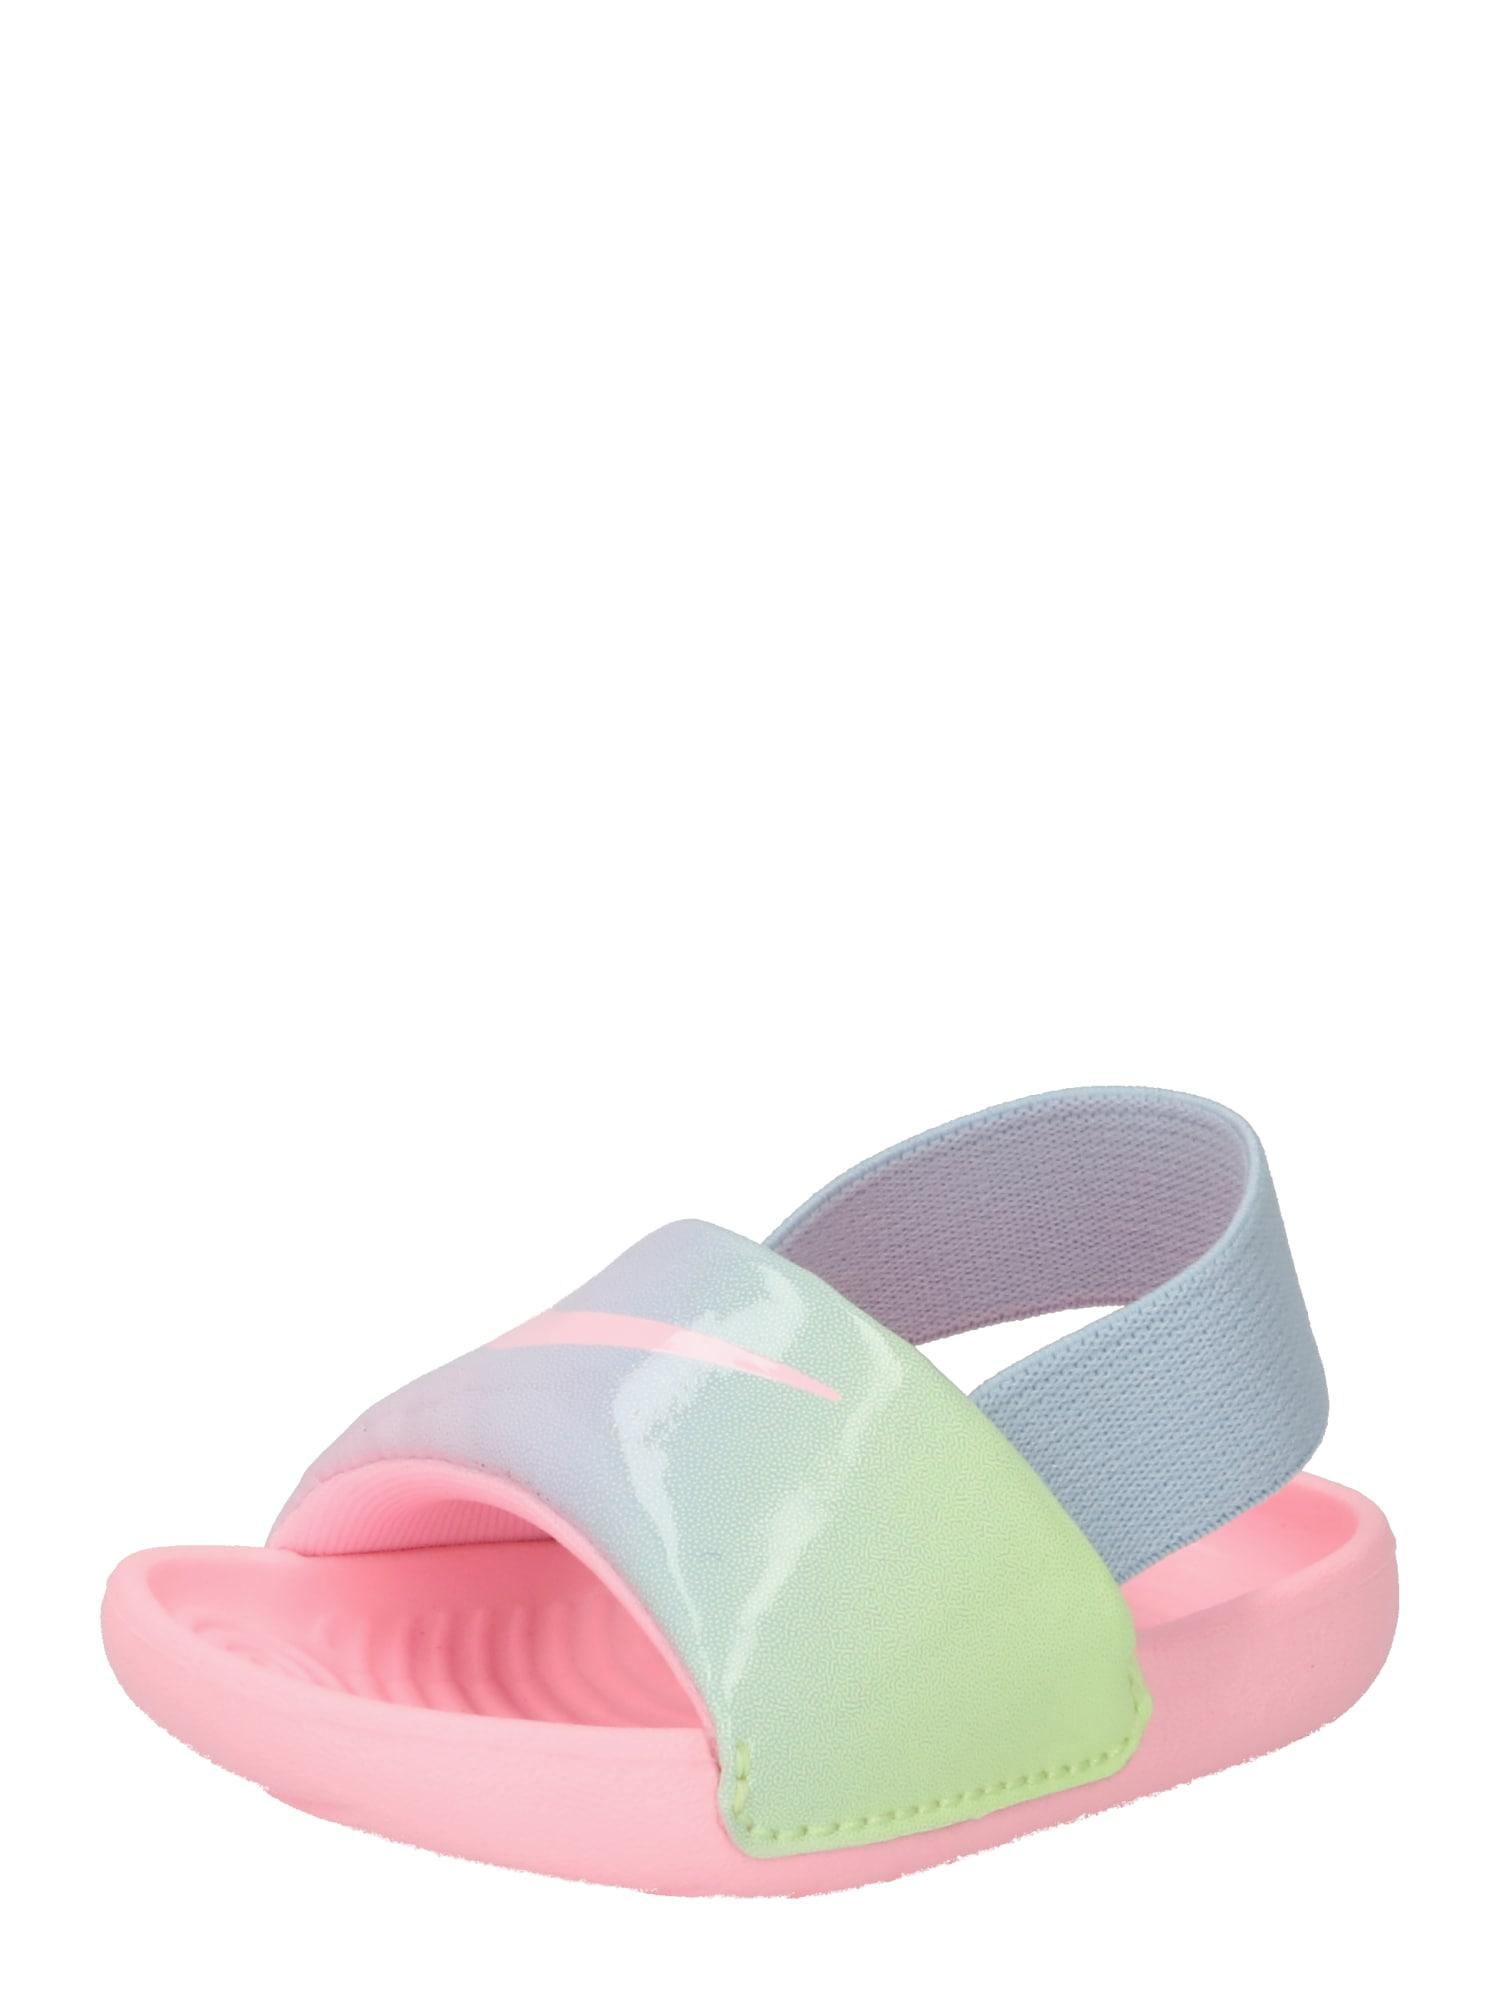 NIKE Sandalai / maudymosi batai 'Kawa SE' rožių spalva / šviesiai mėlyna / neoninė žalia